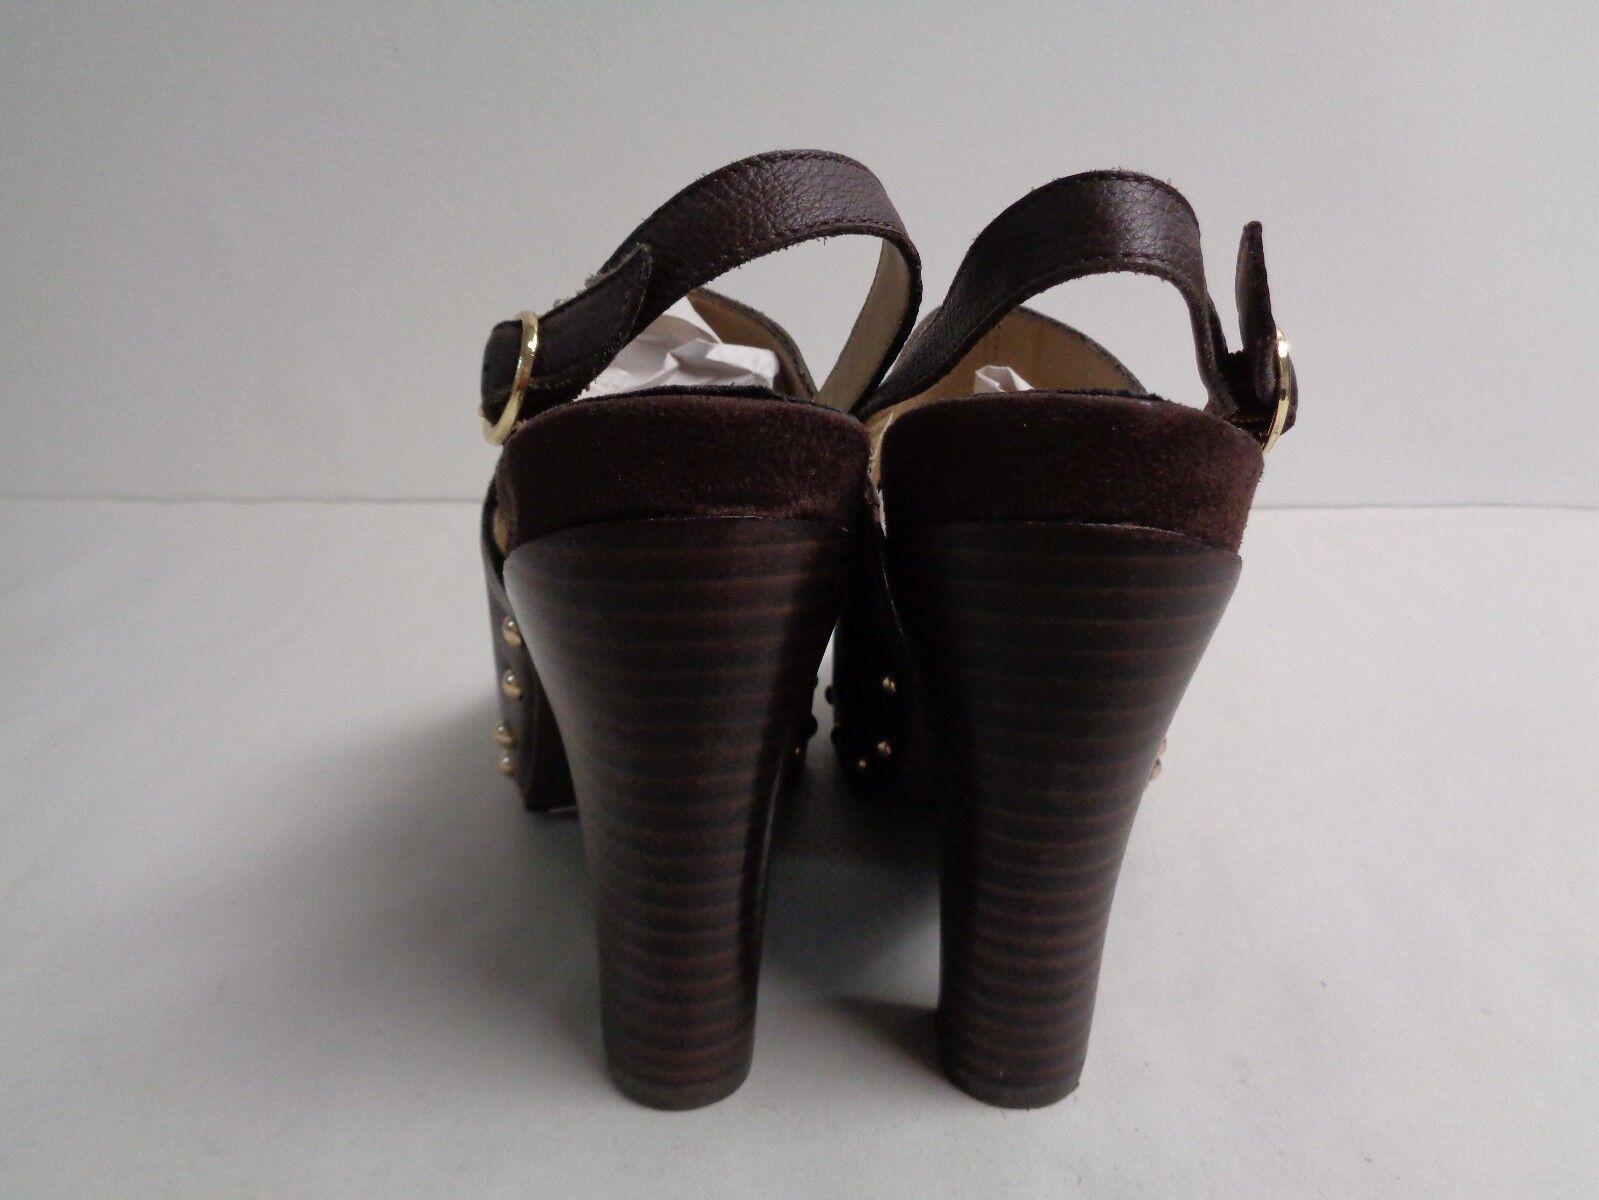 Kenneth Cole Reaction Größe 6.5 LOOK AWAY Braun Leder Heels NEU Damenschuhe Schuhes